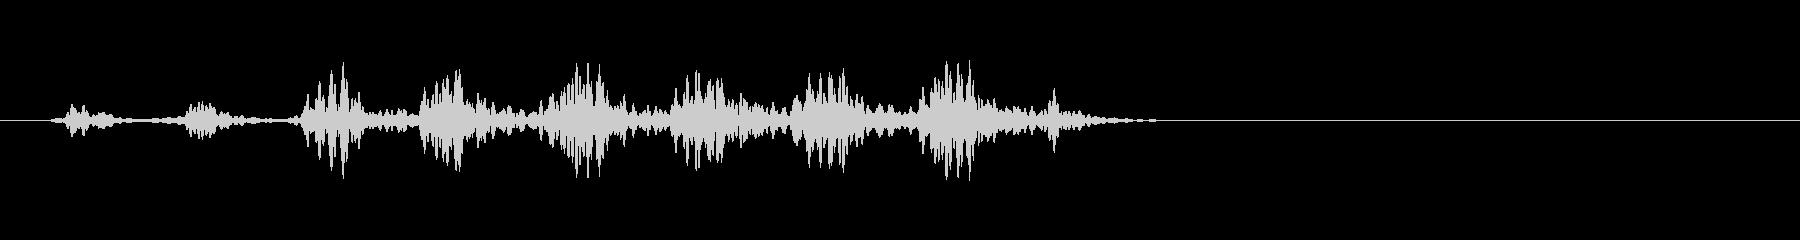 リリリ…虫の音(短め)の未再生の波形